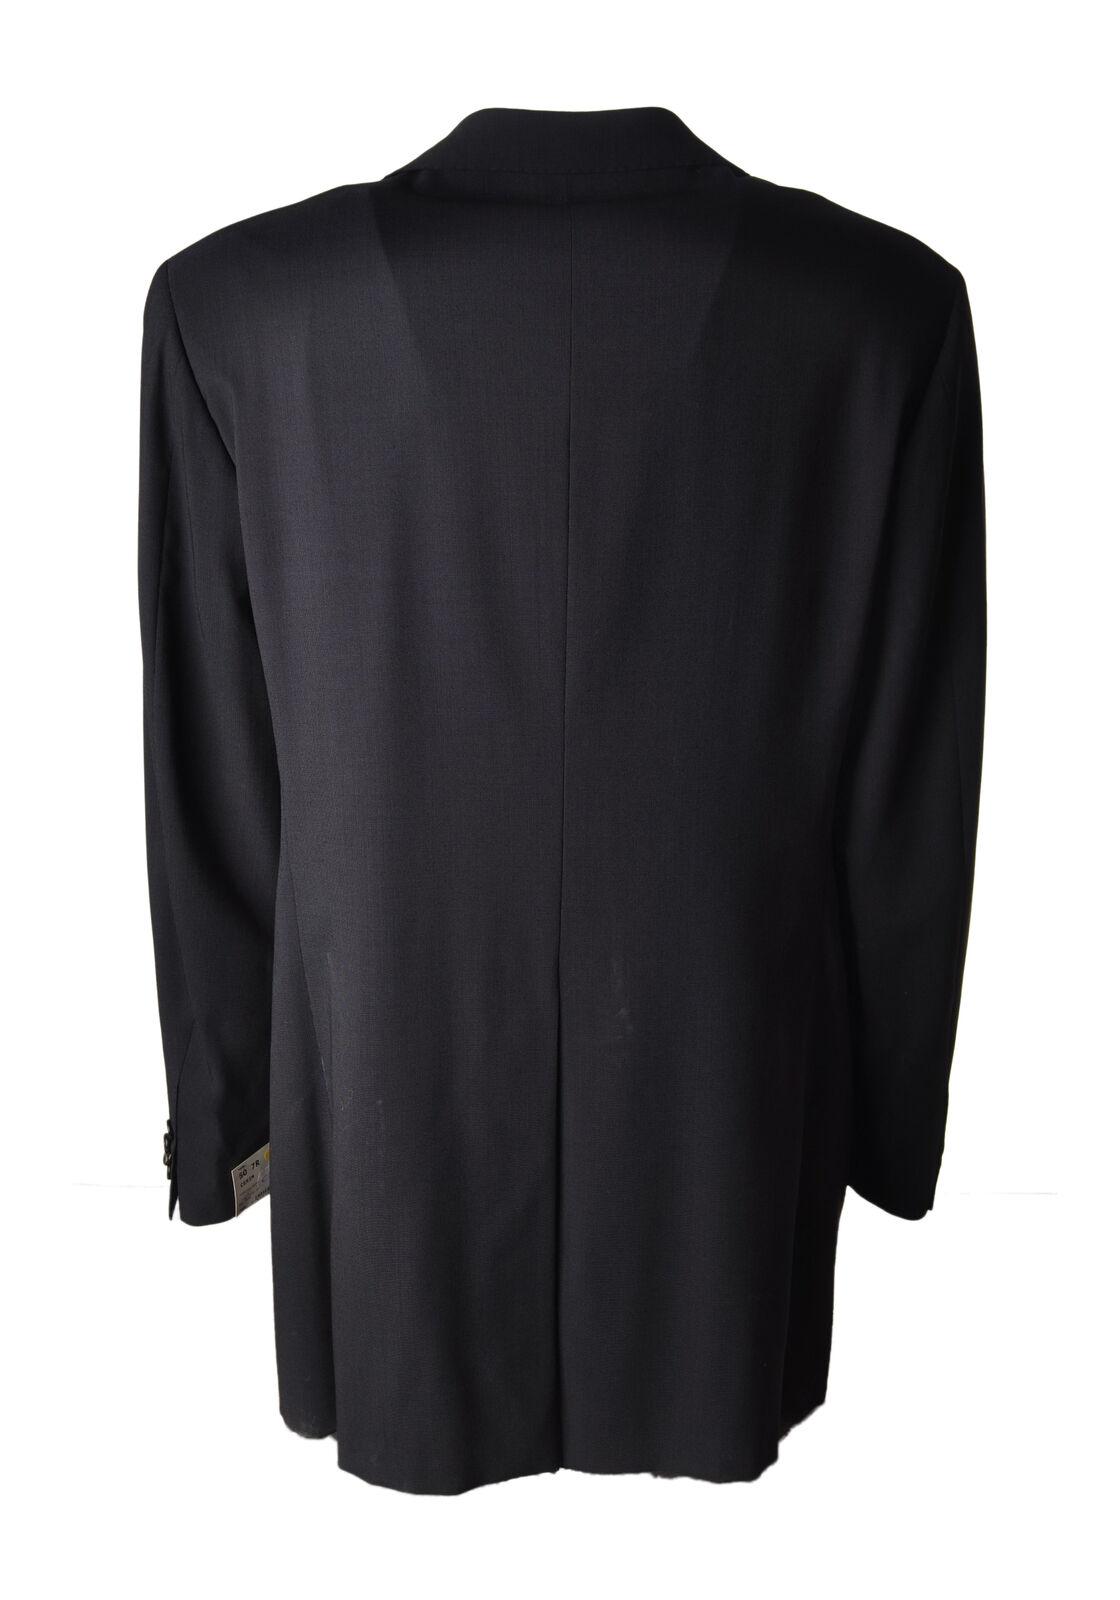 Corneliani Trend  -    Abito - Uomo - Blu - 4745424A183929 7cee01